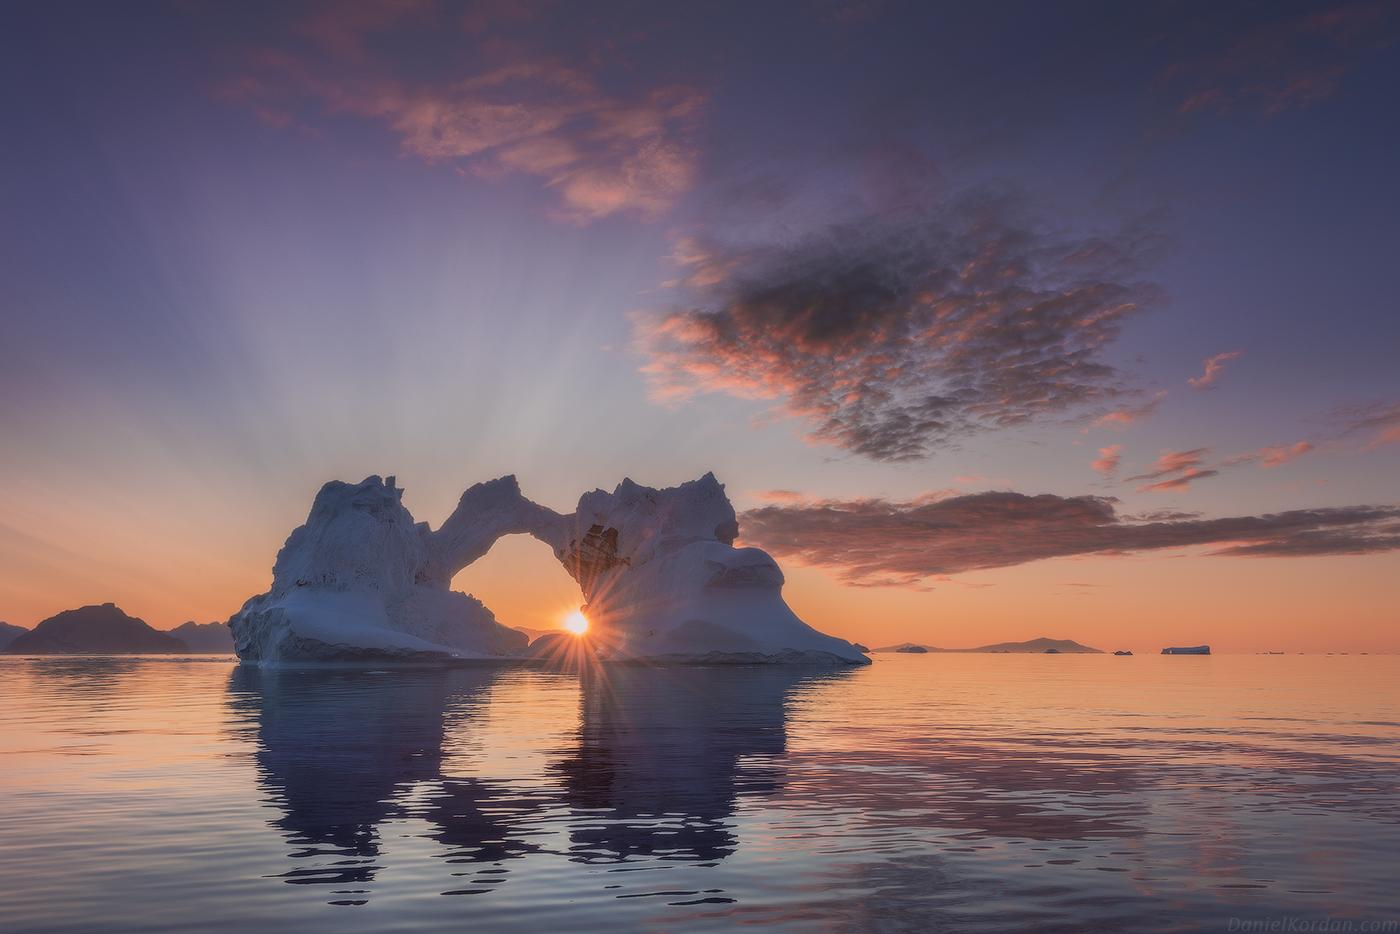 West Greenland Photo Workshop in Disko Bay | Sailing on Schooner - day 4